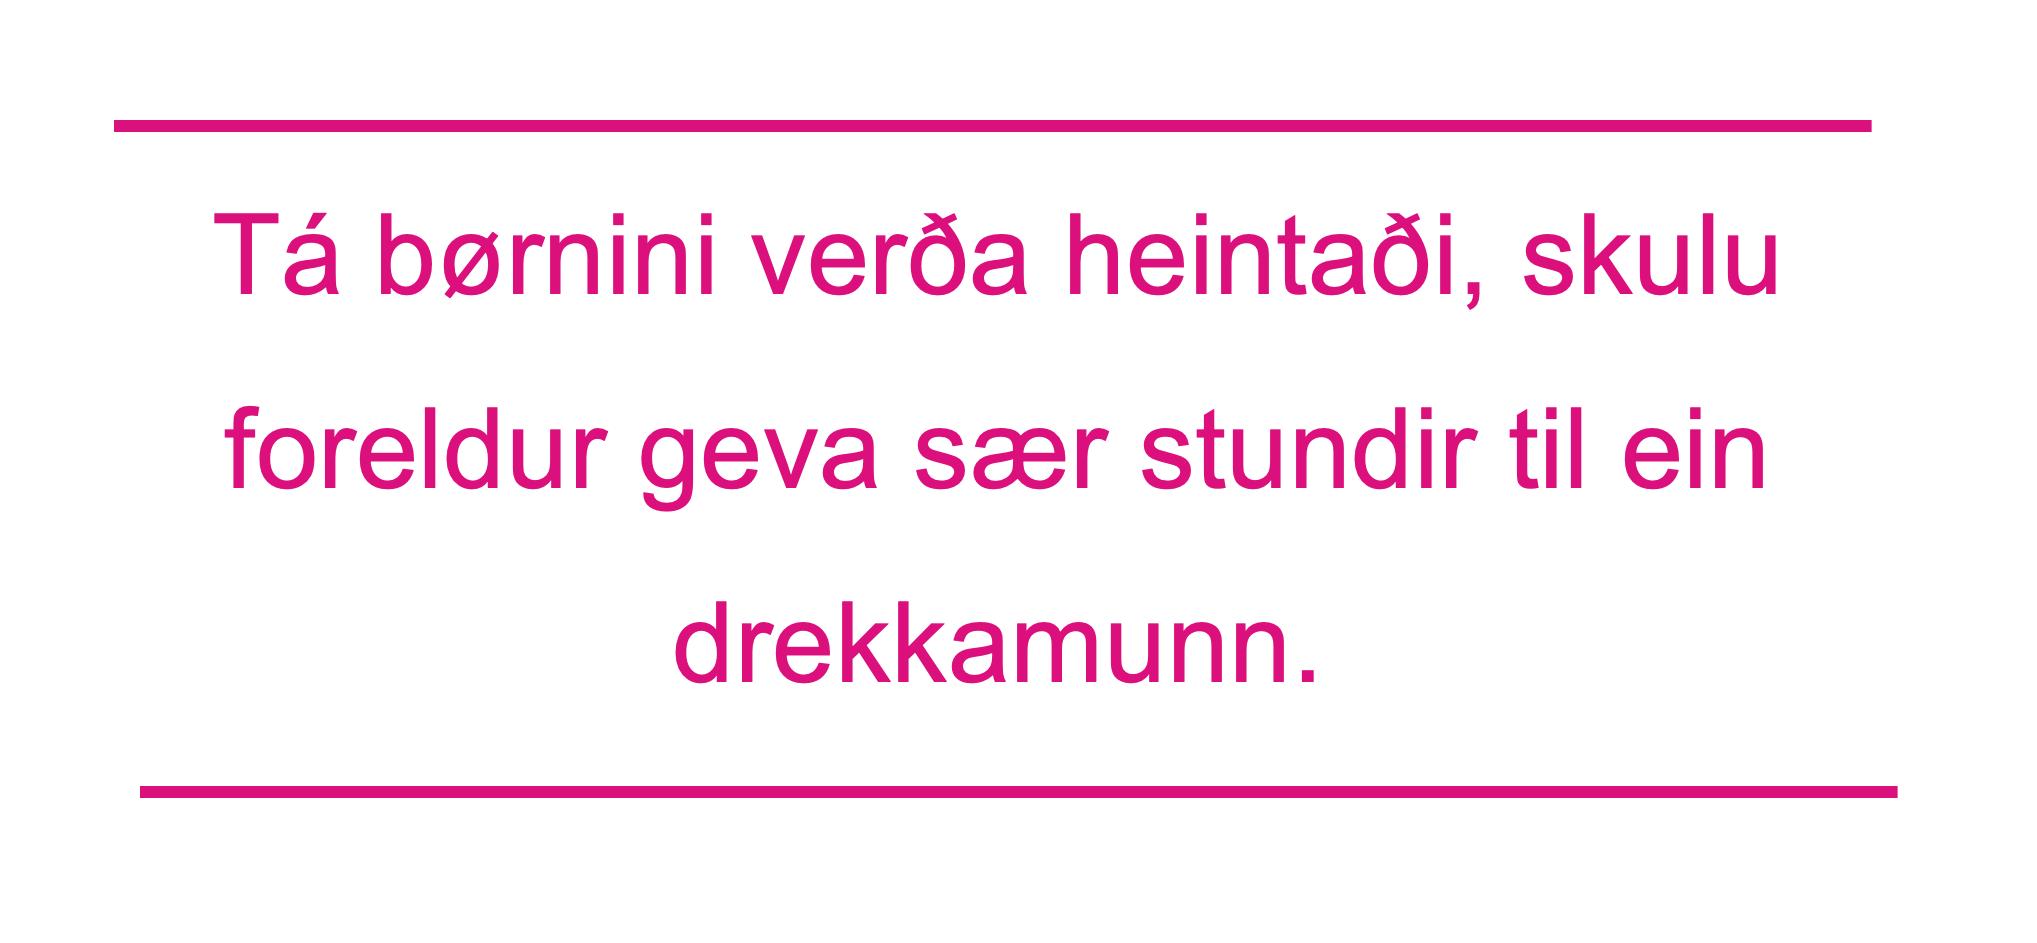 Tá børnini verða heintaði, skulu foreldur geva sær stundir til ein drekkamunn.